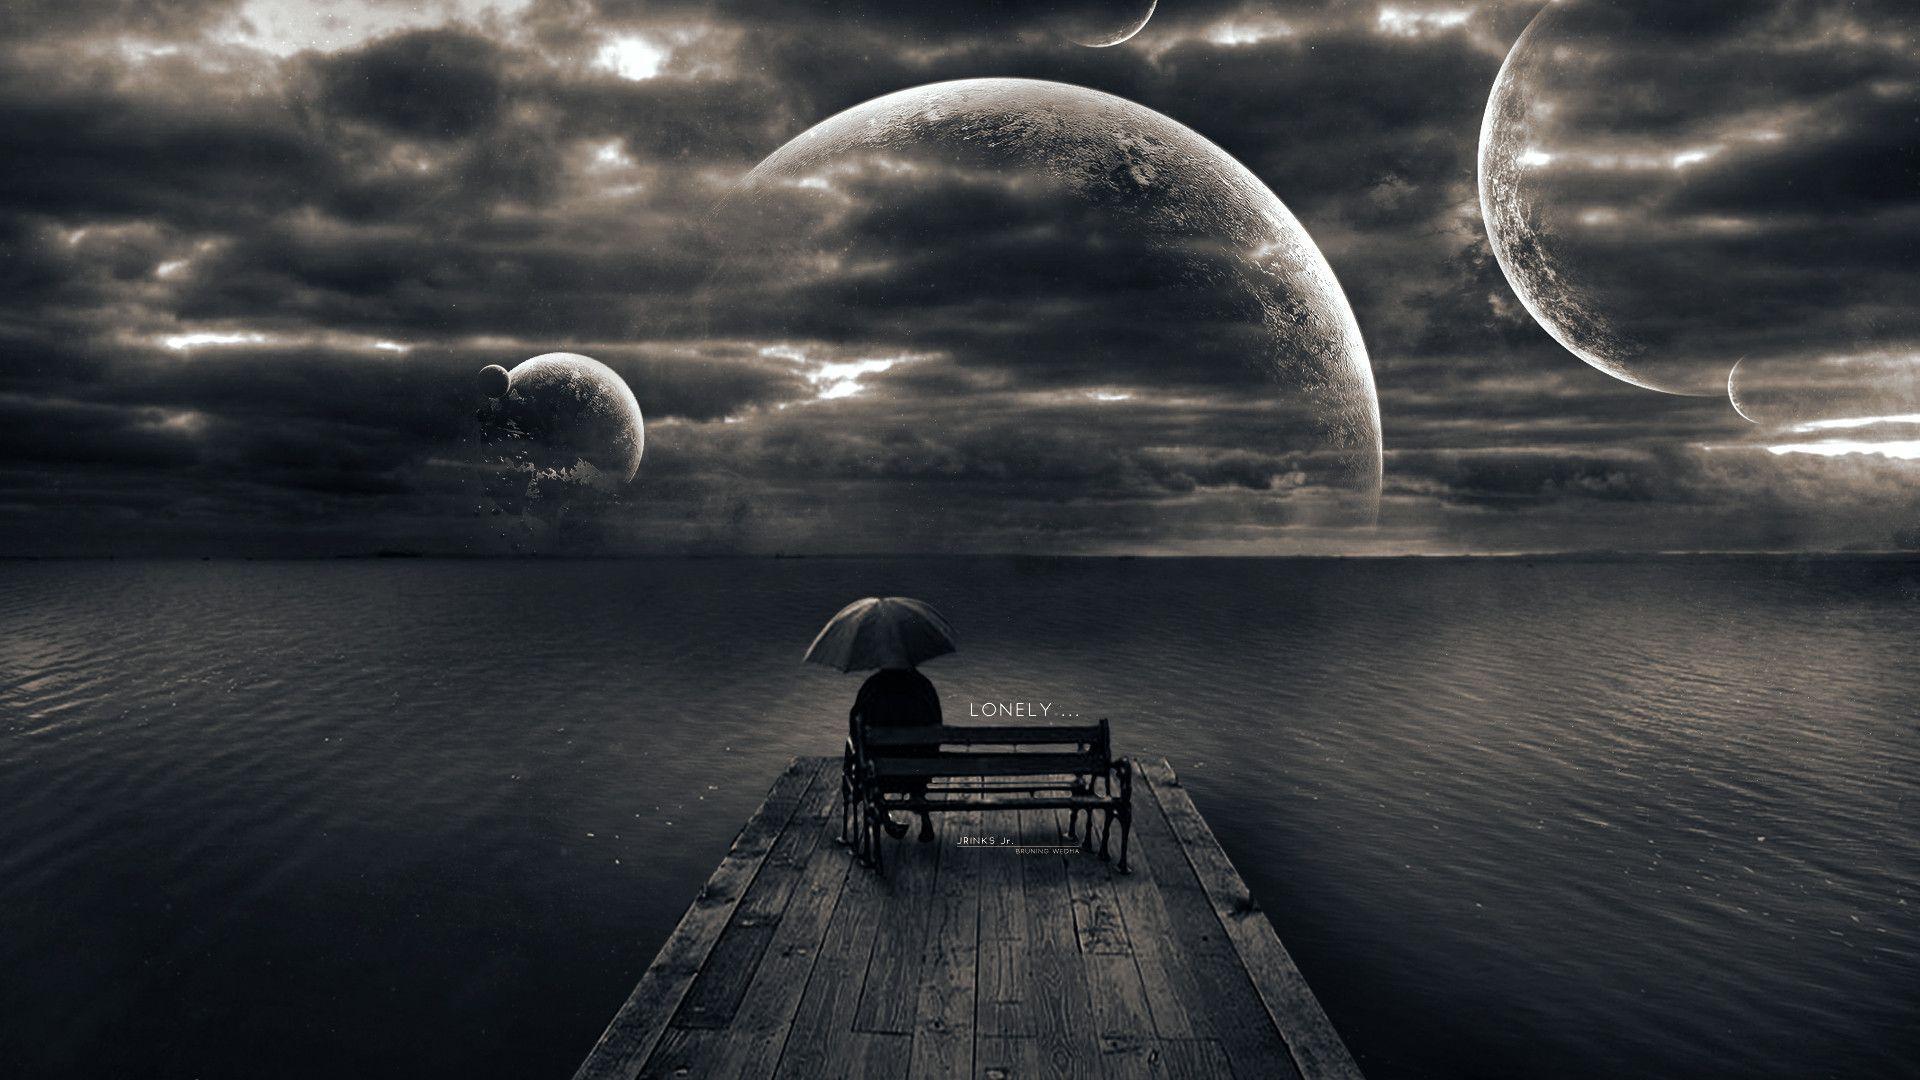 Feeling Alone Wallpapers - Top Free Feeling Alone ...